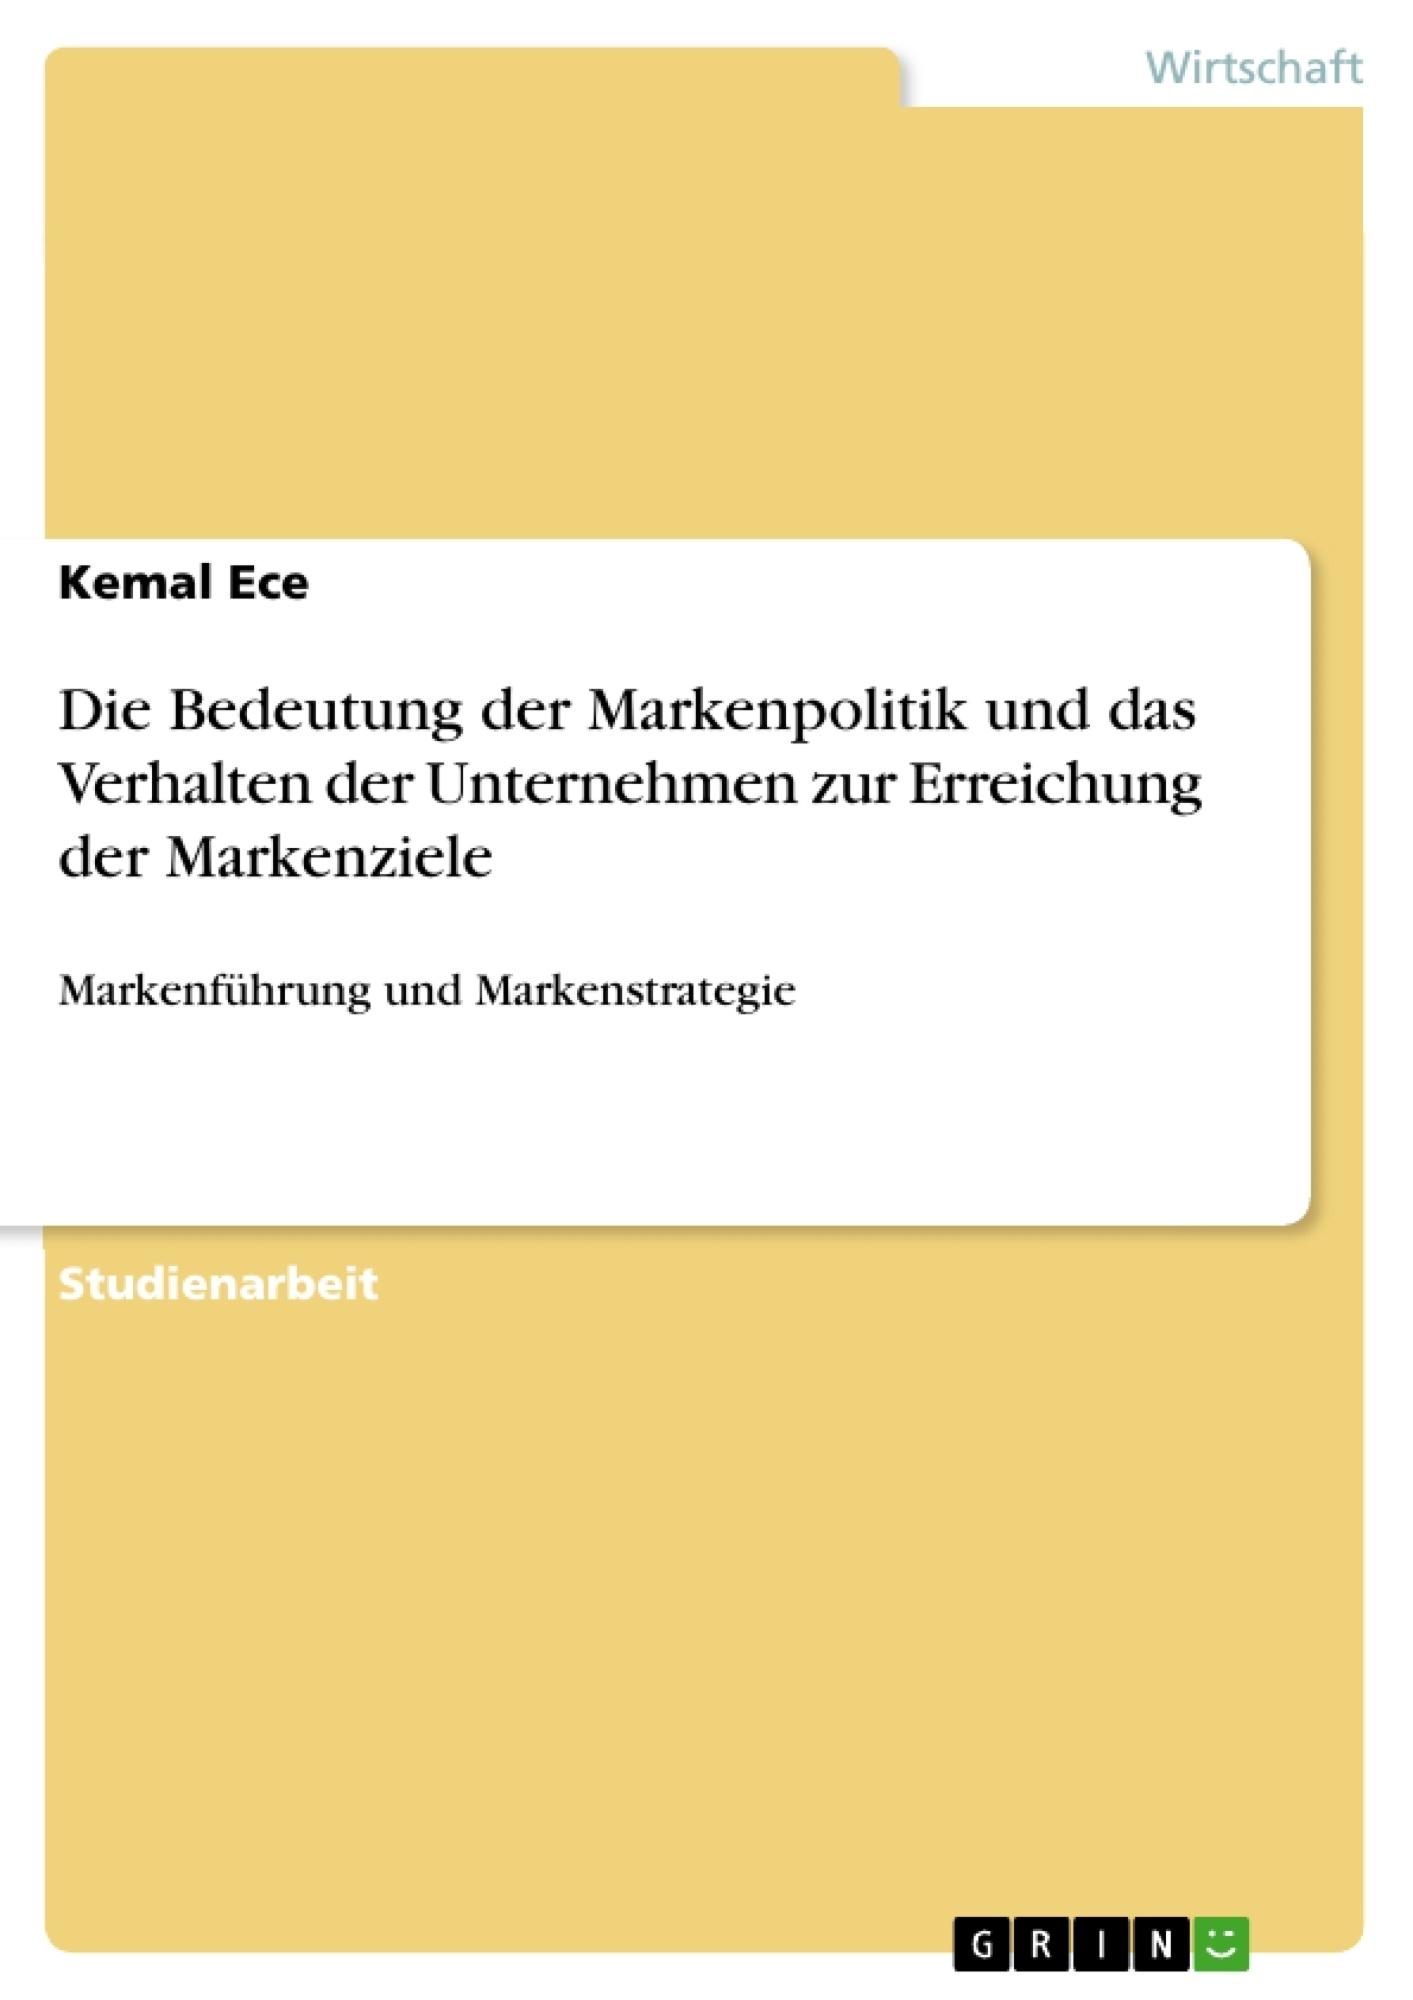 Titel: Die Bedeutung der Markenpolitik und das Verhalten der Unternehmen zur Erreichung der Markenziele